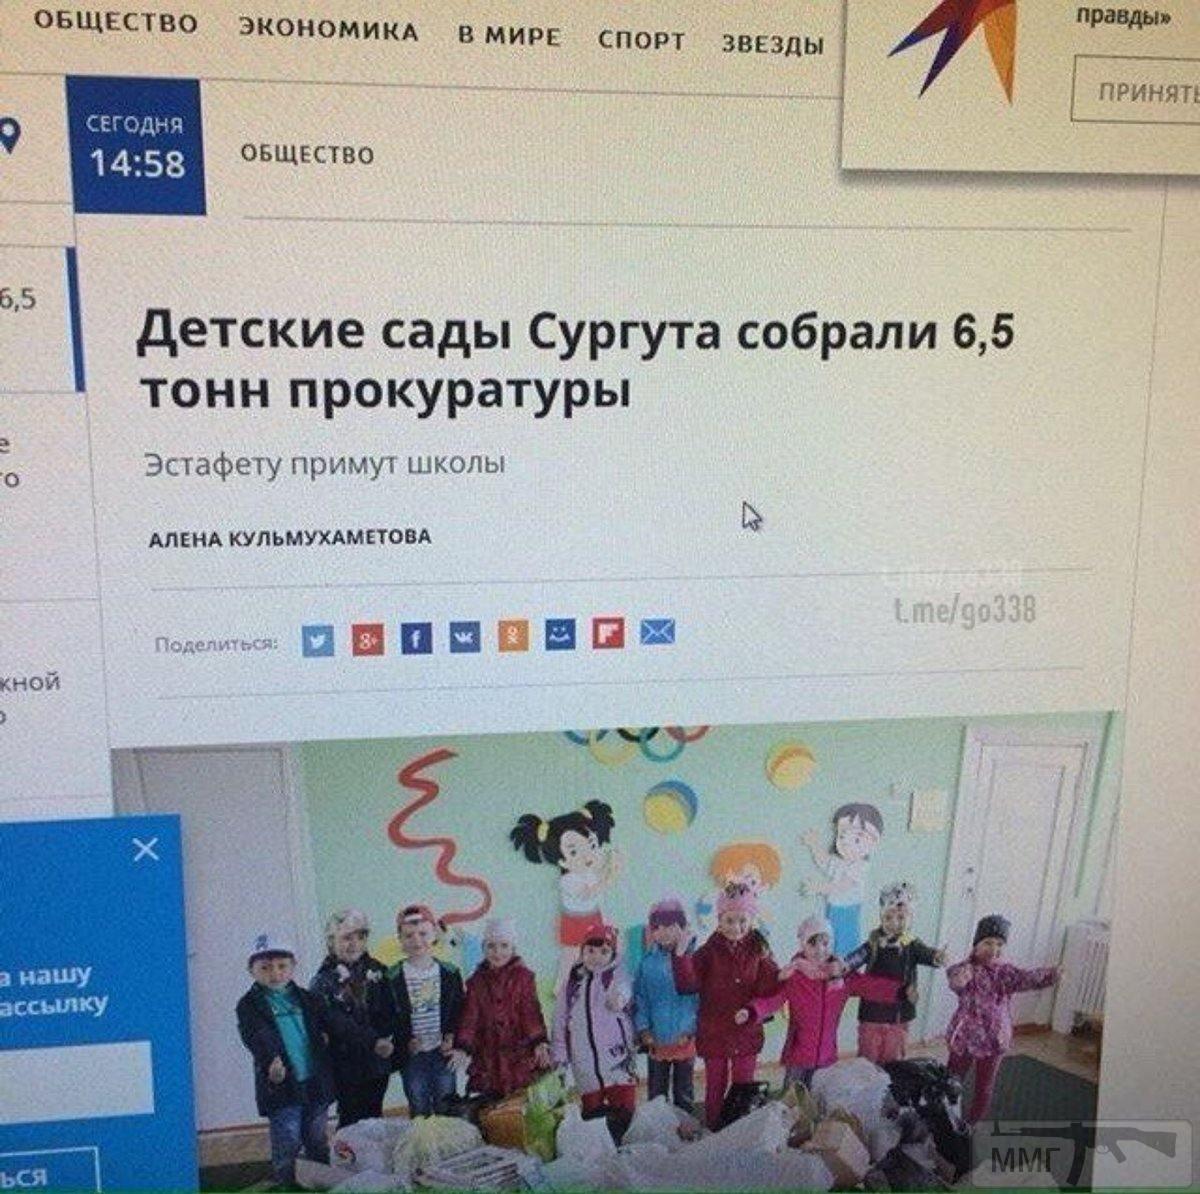 30757 - А в России чудеса!